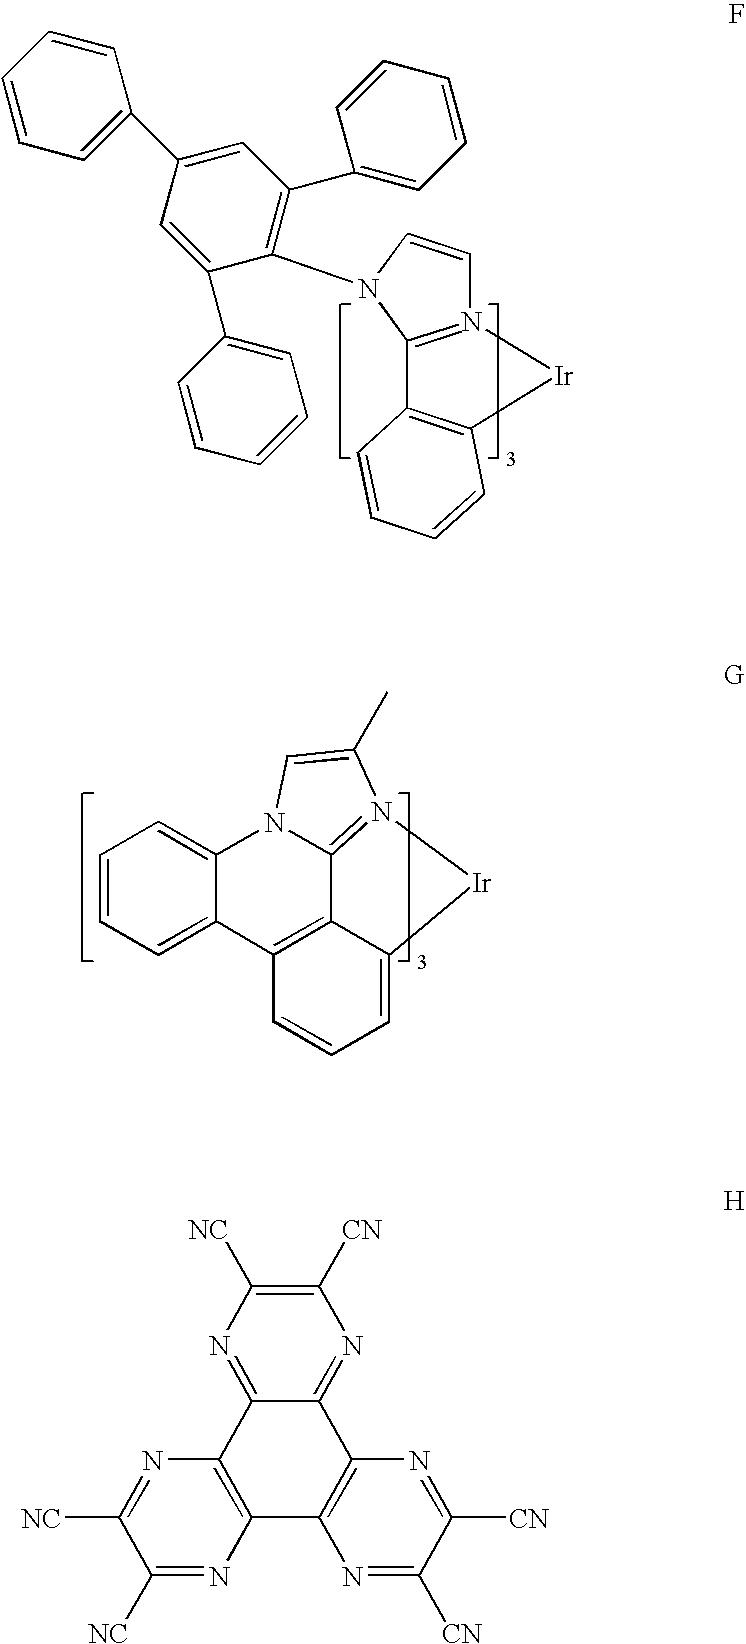 Figure US20090200927A1-20090813-C00003